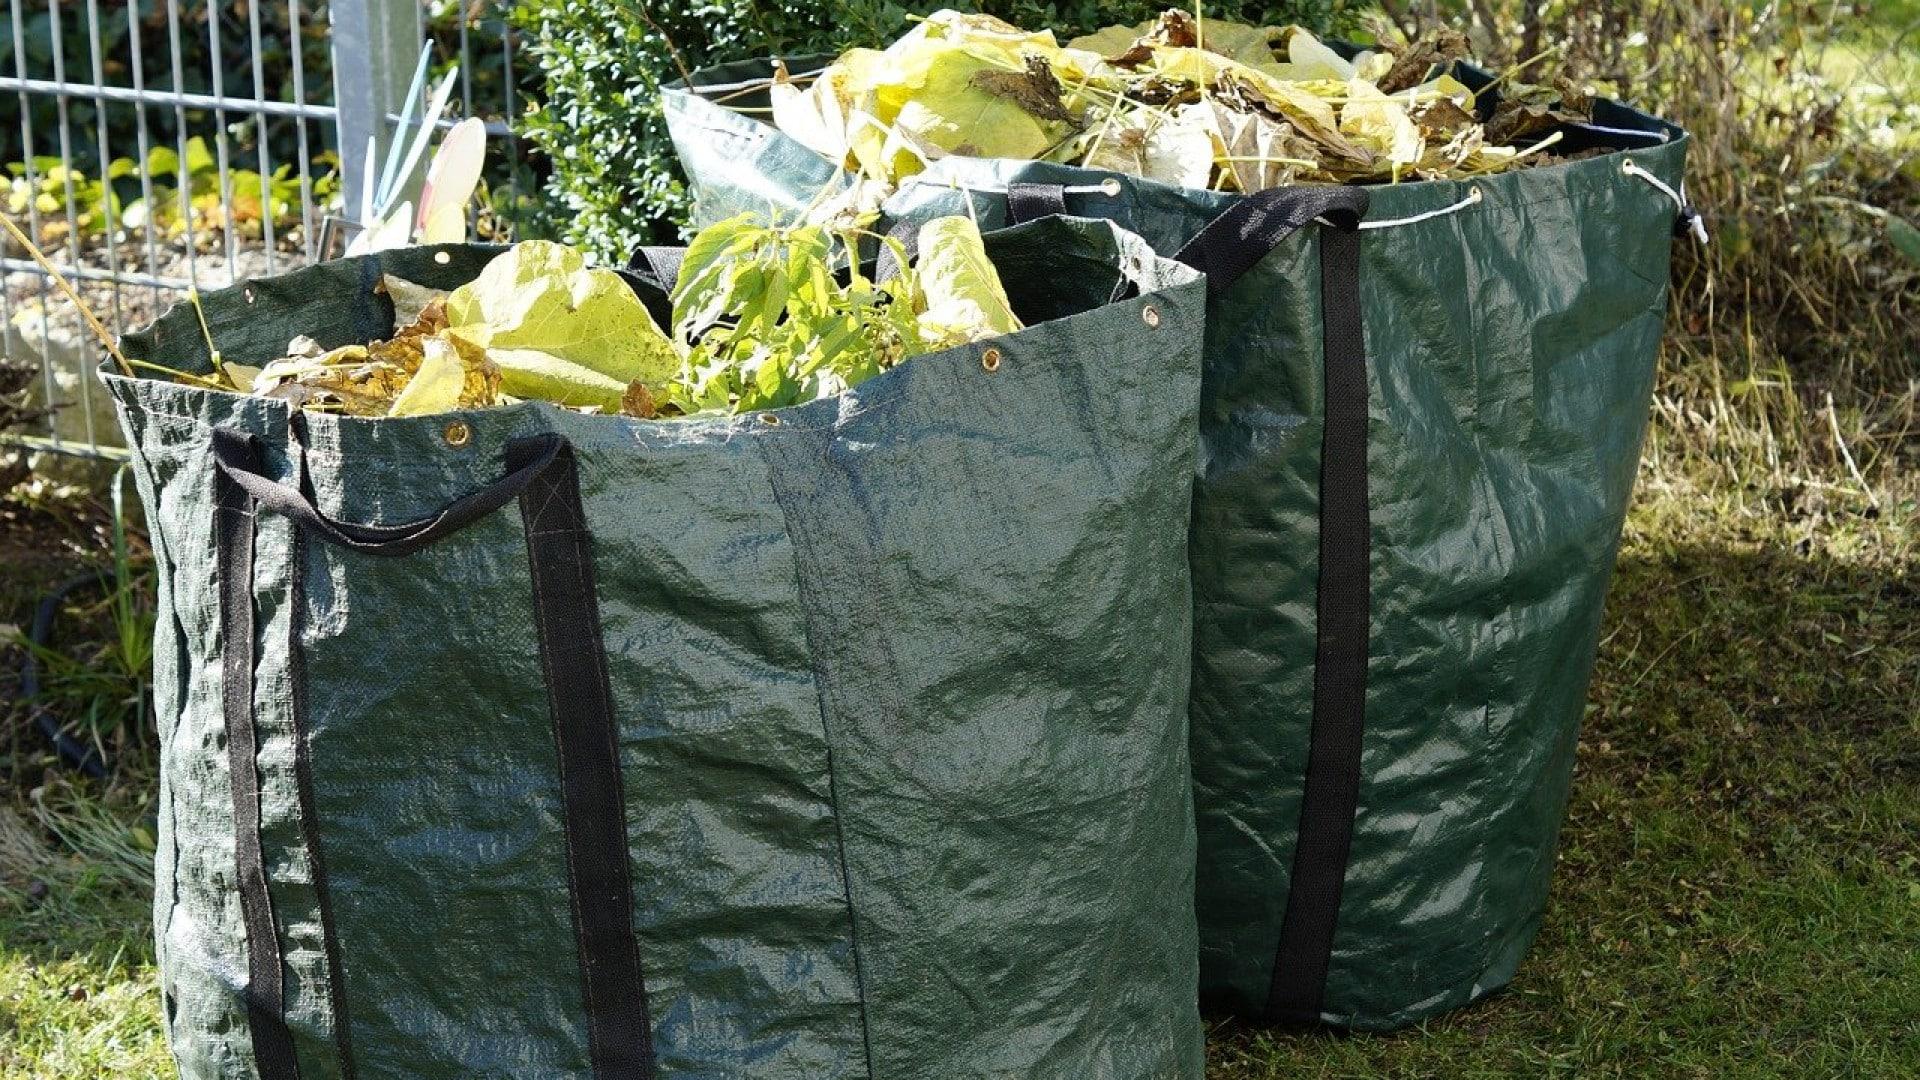 Le covoiturage pour transporter vos déchets à la déchetterie